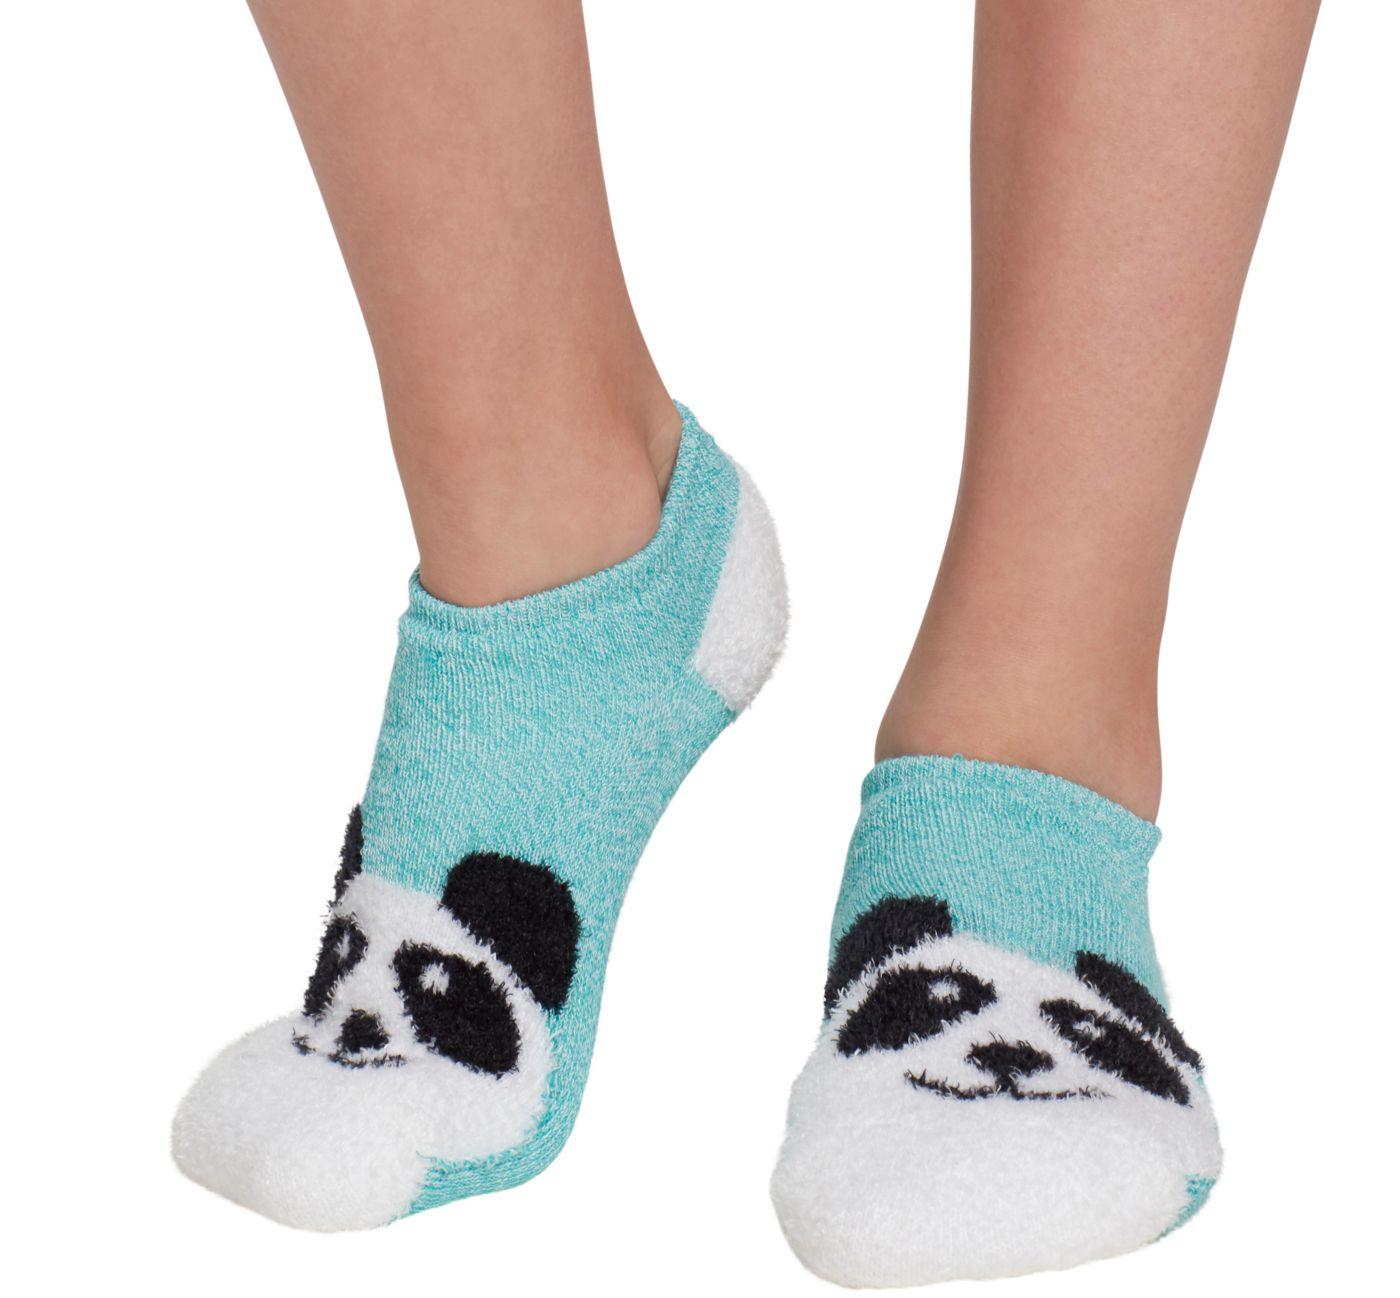 Field & Stream Girls' Cozy Cabin Panda Low Cut Socks